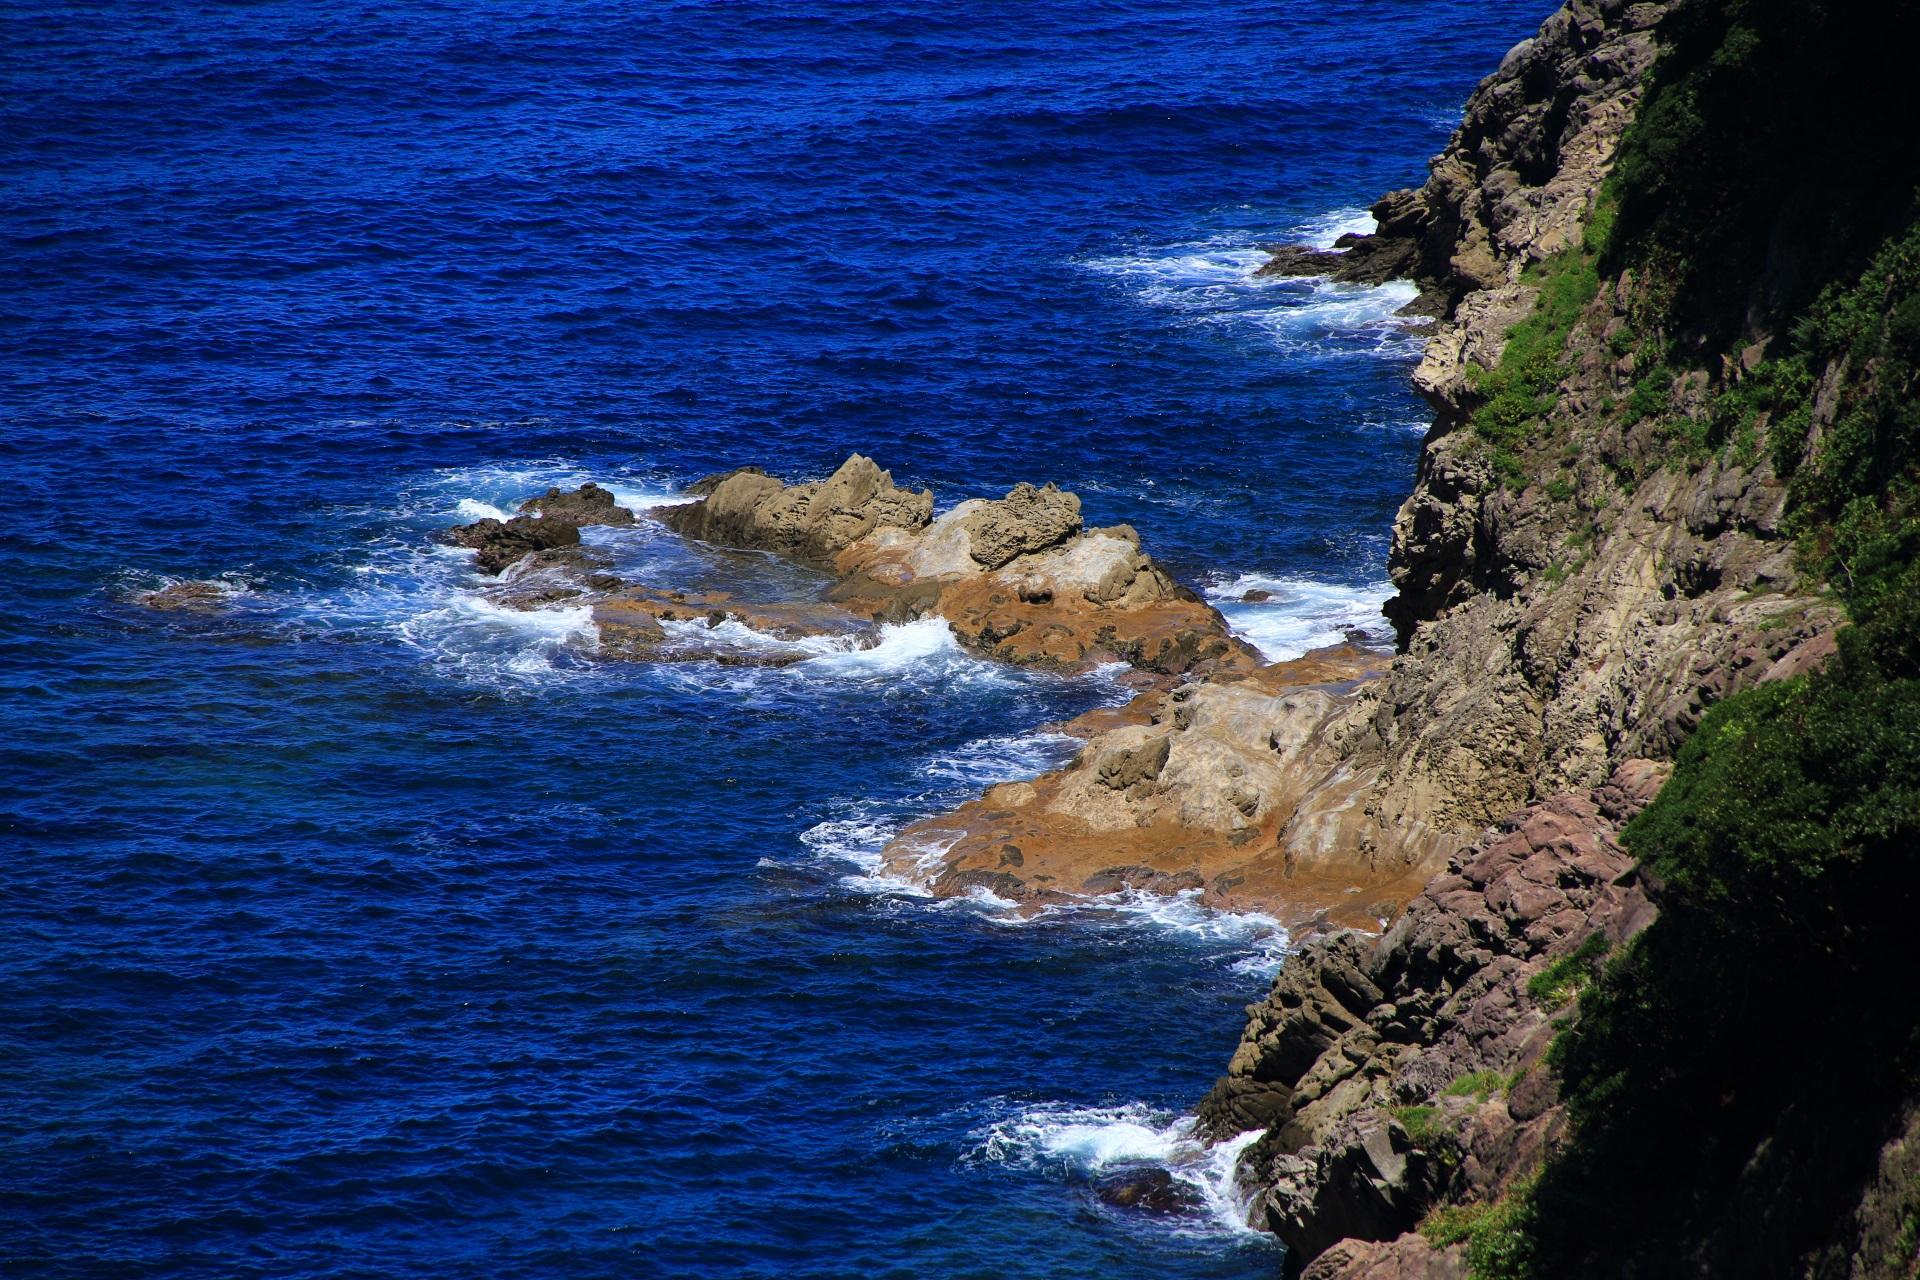 カマヤ海岸のとてつもない長い年月をかけてつくられた岩場